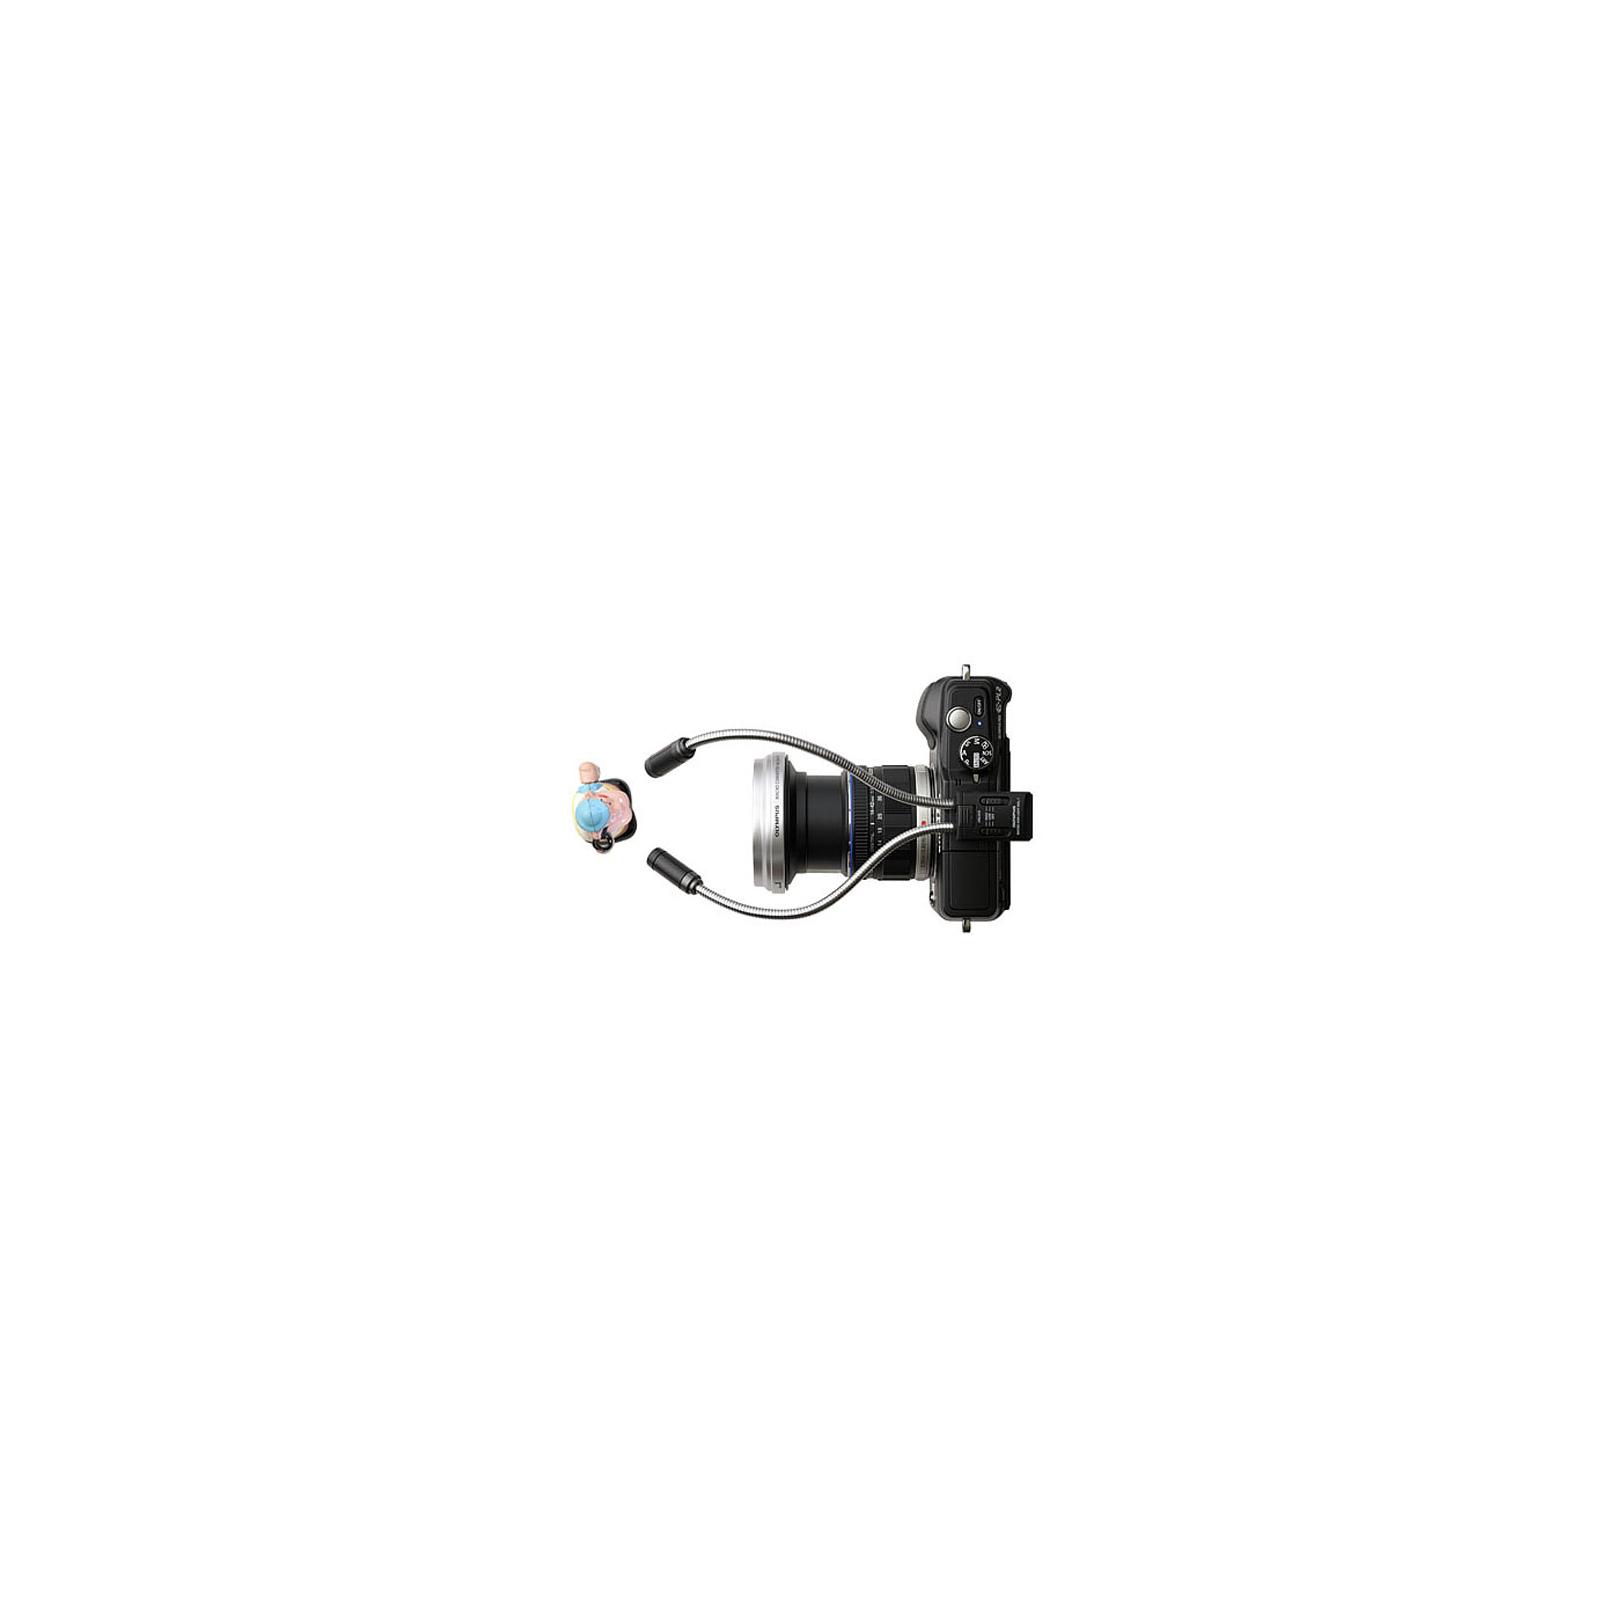 Вспышка OLYMPUS MAL-1 Macro Arm Light (N4289900) изображение 6